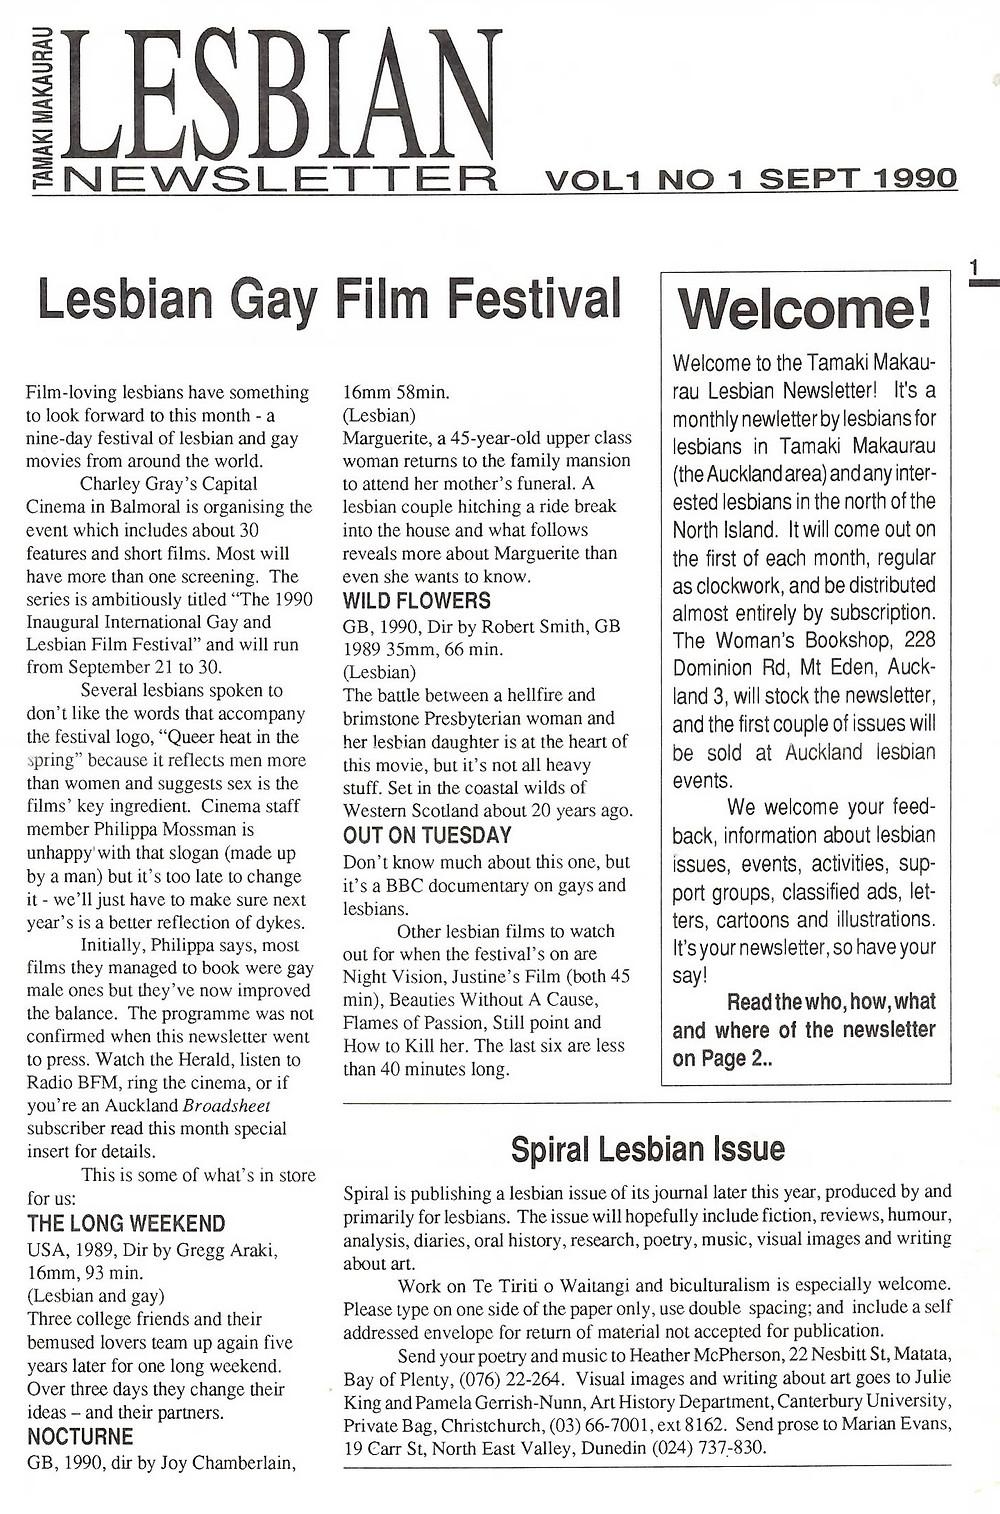 Lesbian Newsletter 1990